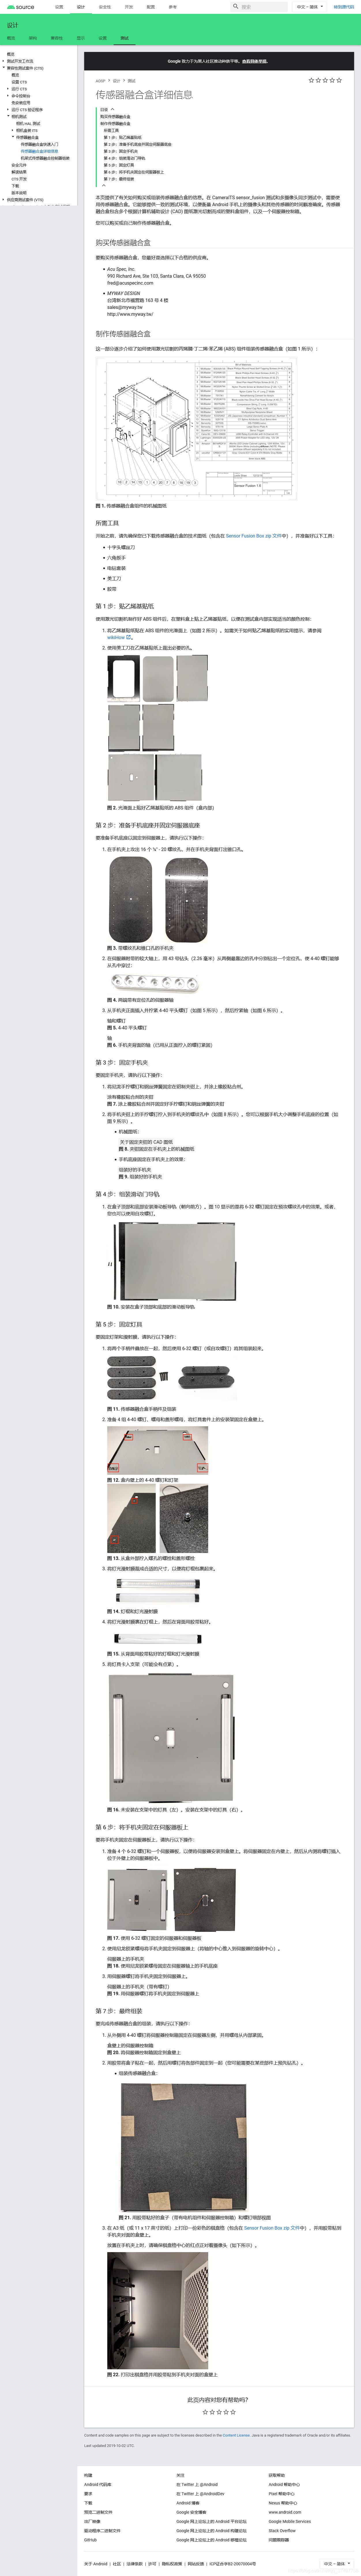 融合盒详细信息